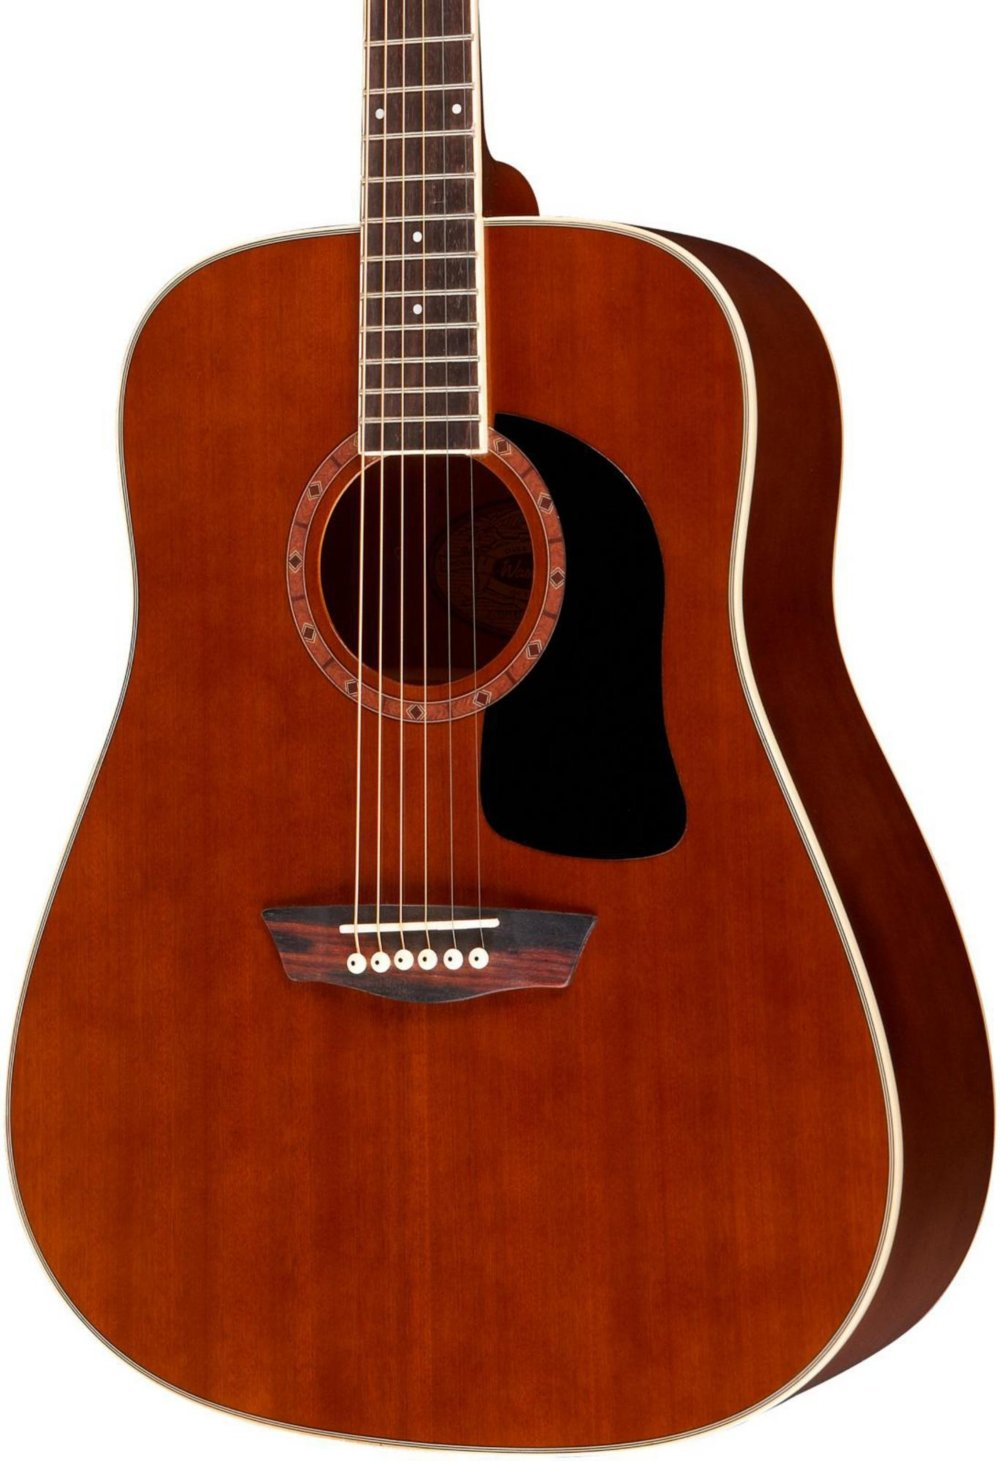 Washburn WD100DL Dreadnought Mahogany Acoustic Guitar Natural by Washburn